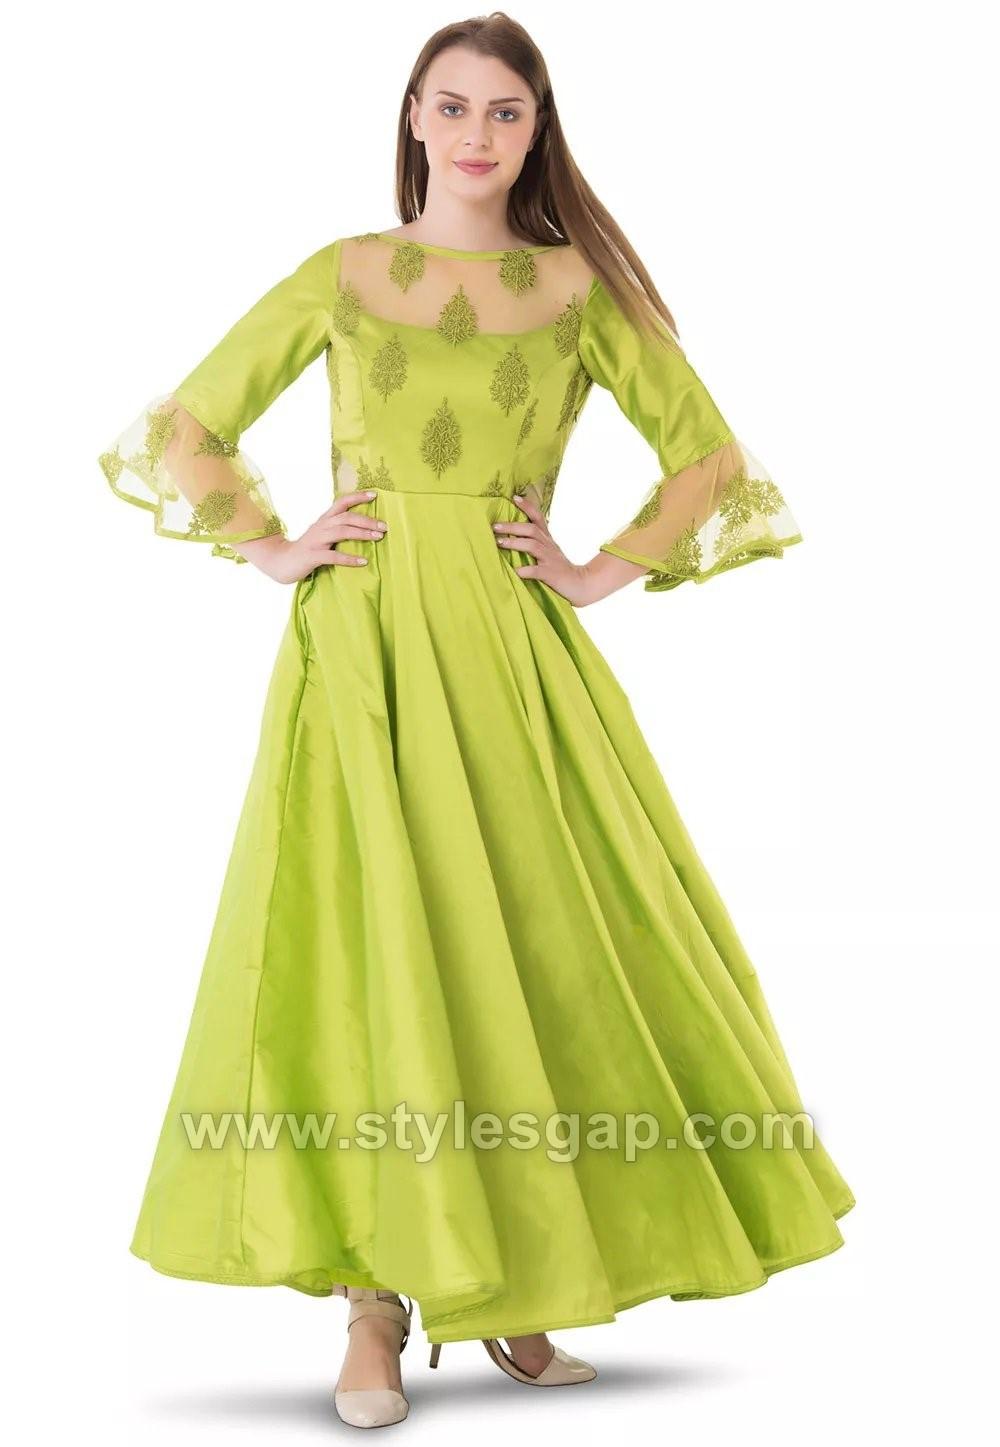 c402d38f4d6 Umbrella Cut Dress Designs   Frocks Styles (2) - StylesGap.com